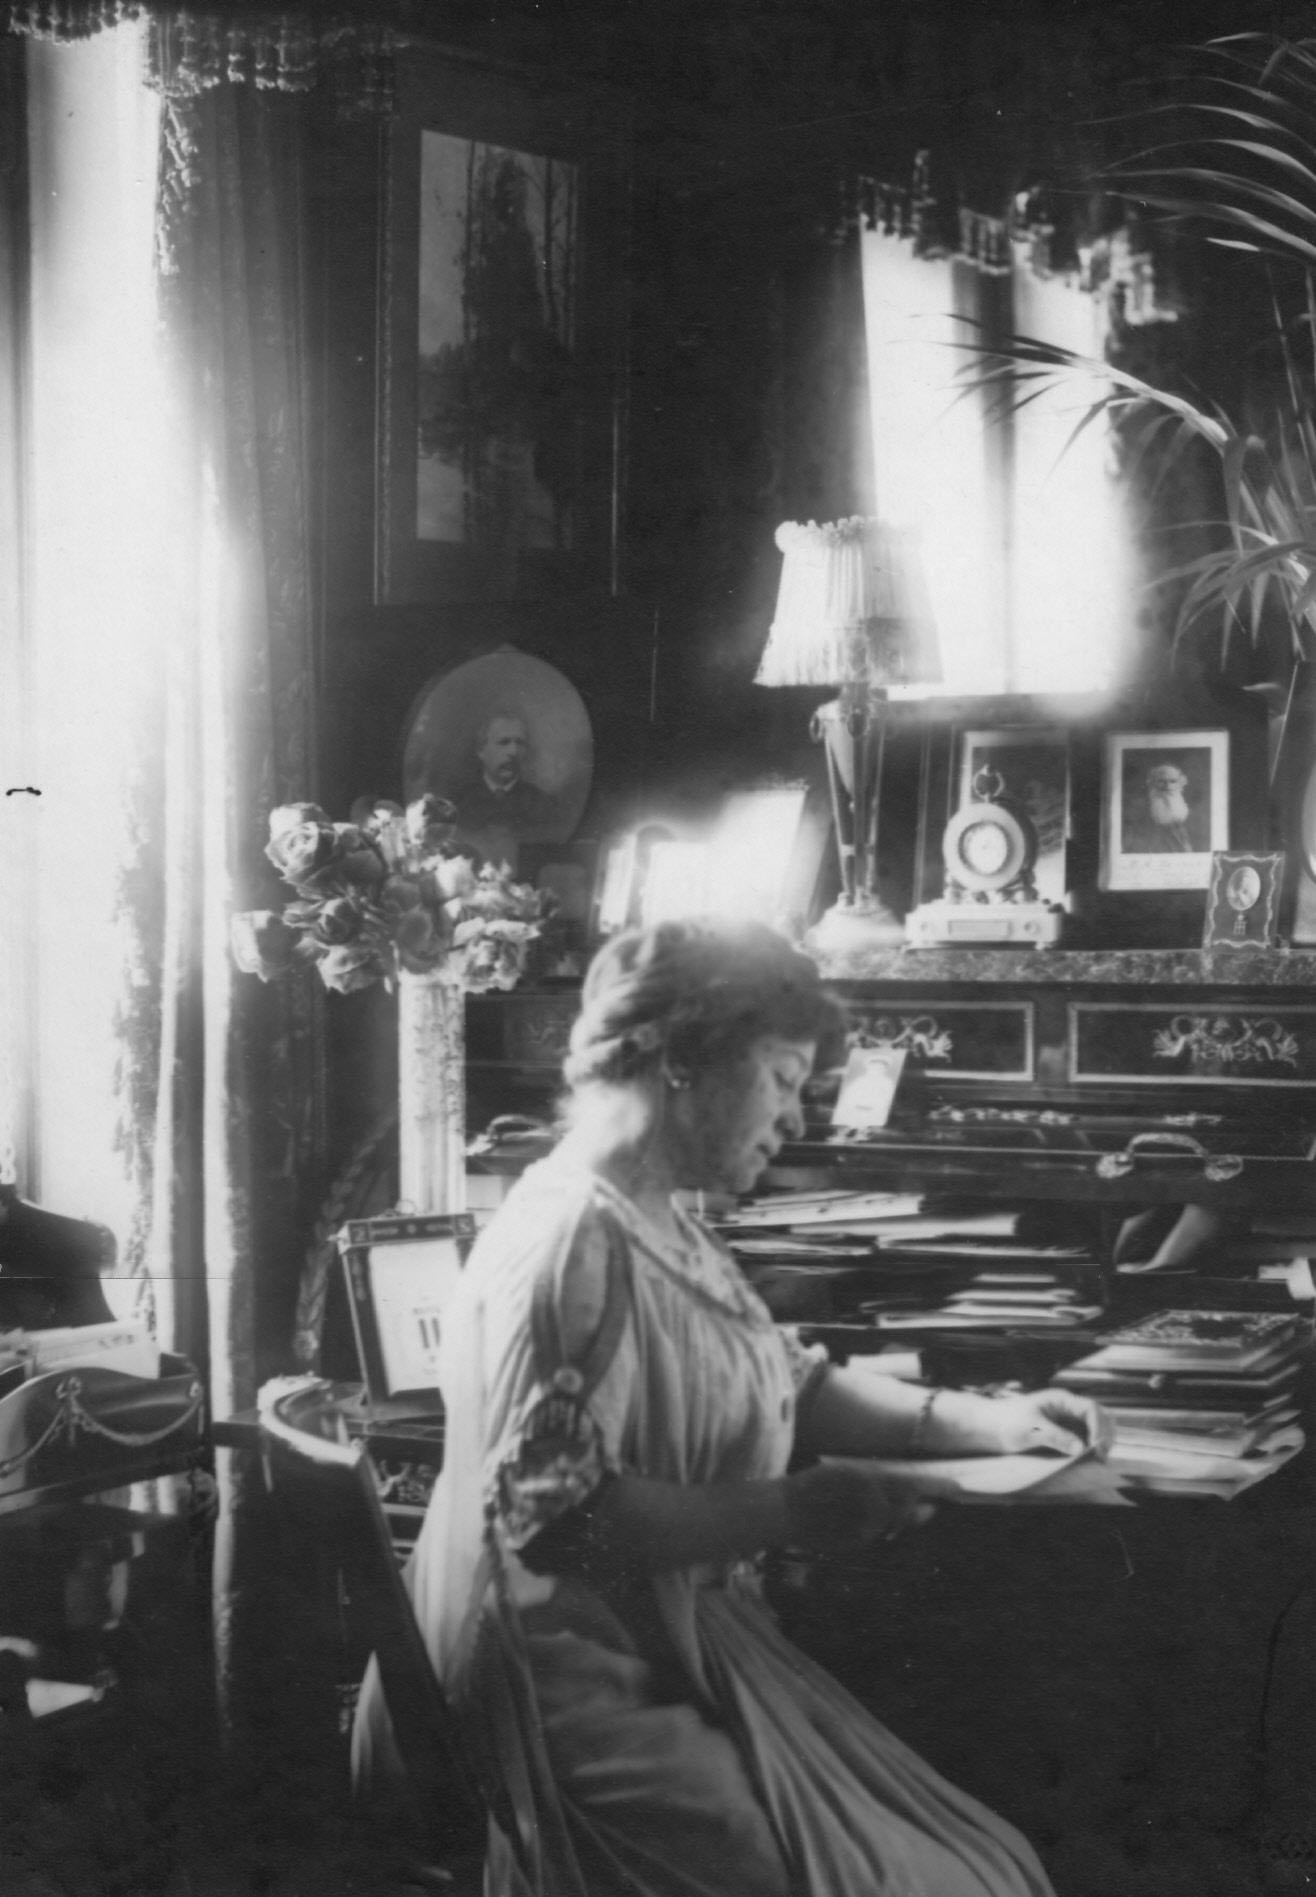 13. Мария Александровна Потоцкая. Некоторое время была любовницей великого князя Николая Николаевича. Великий князь подарил ей дом, в котором ныне размещается Санкт-Петербургский театр музыкальной комедии.